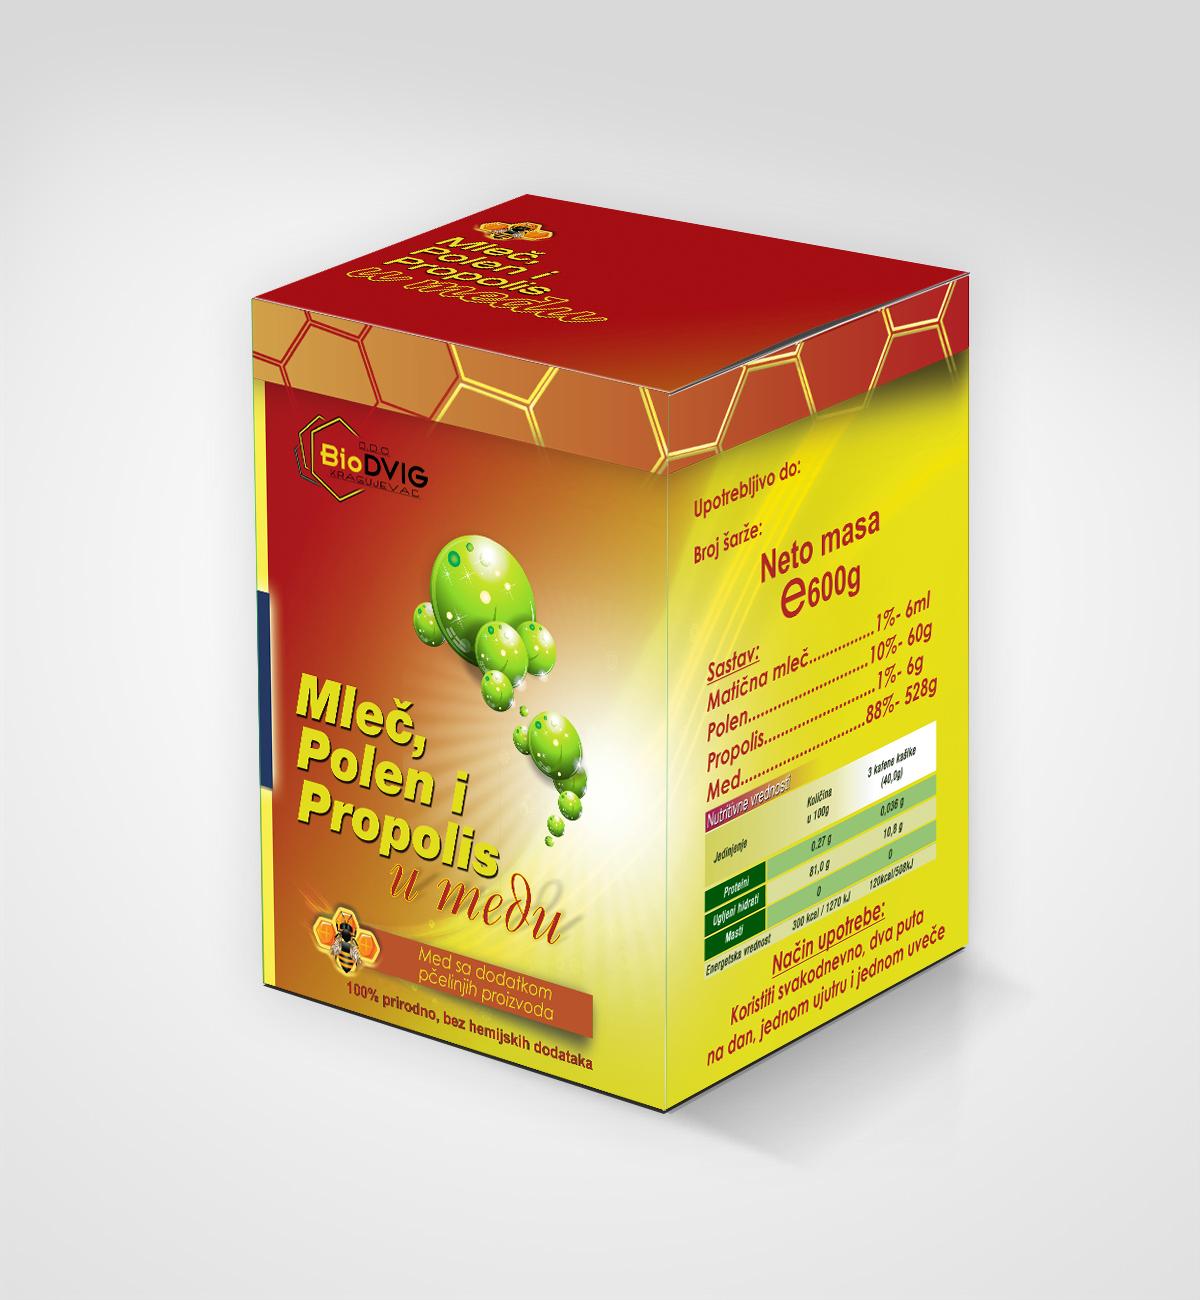 mlec--polen-i-propolis